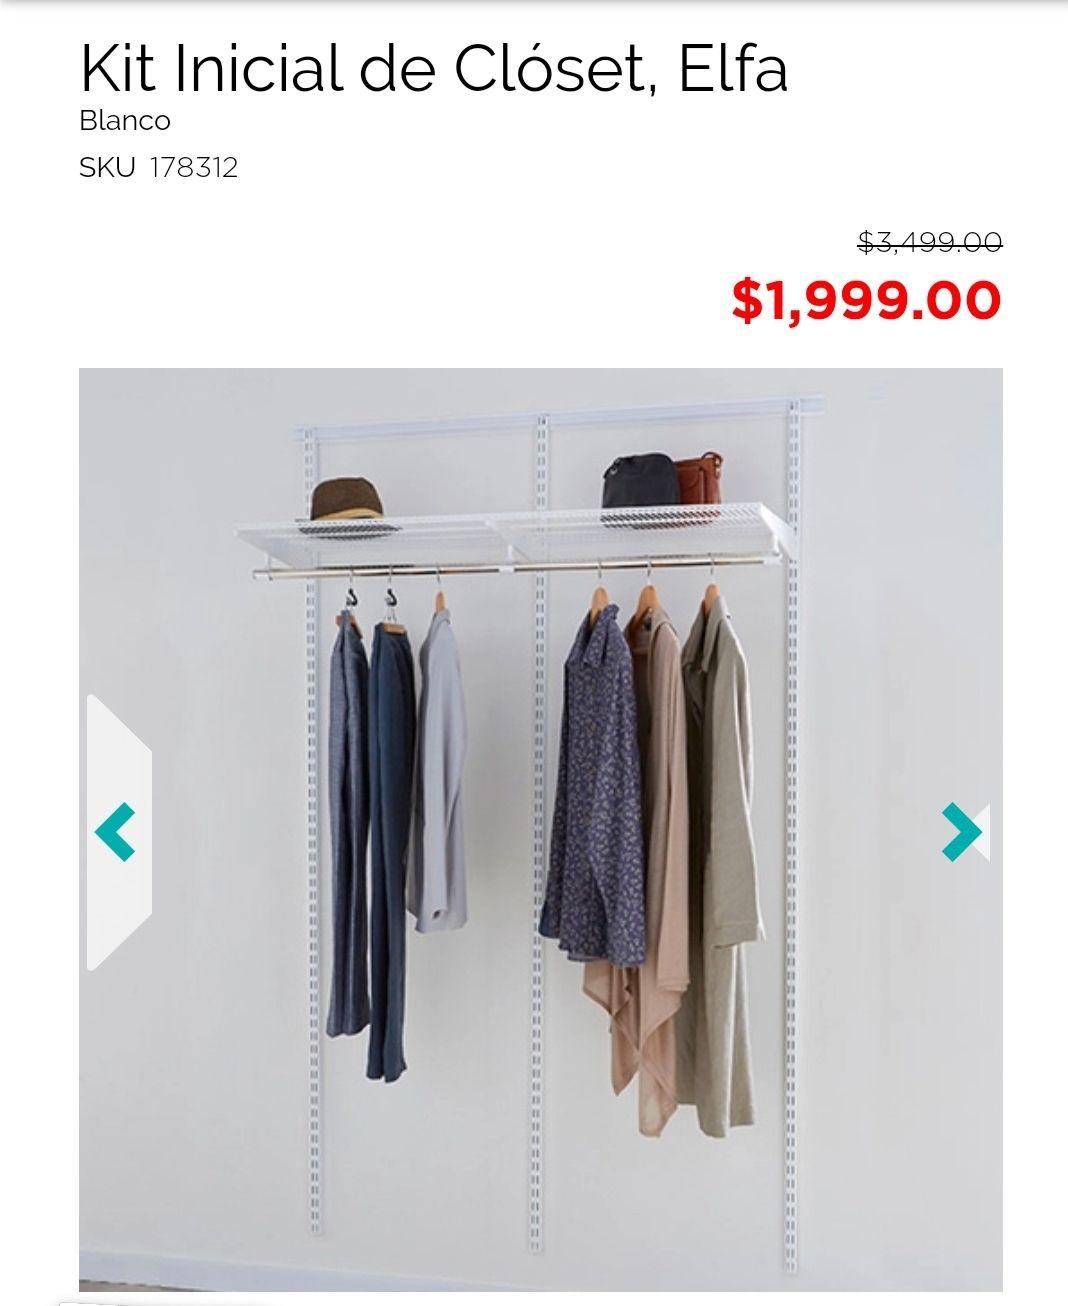 The Home Store: KIT INICIAL Elfa a $1,500 en tienda ( solo quedan 2 sucursal Galerias en Zapopan)